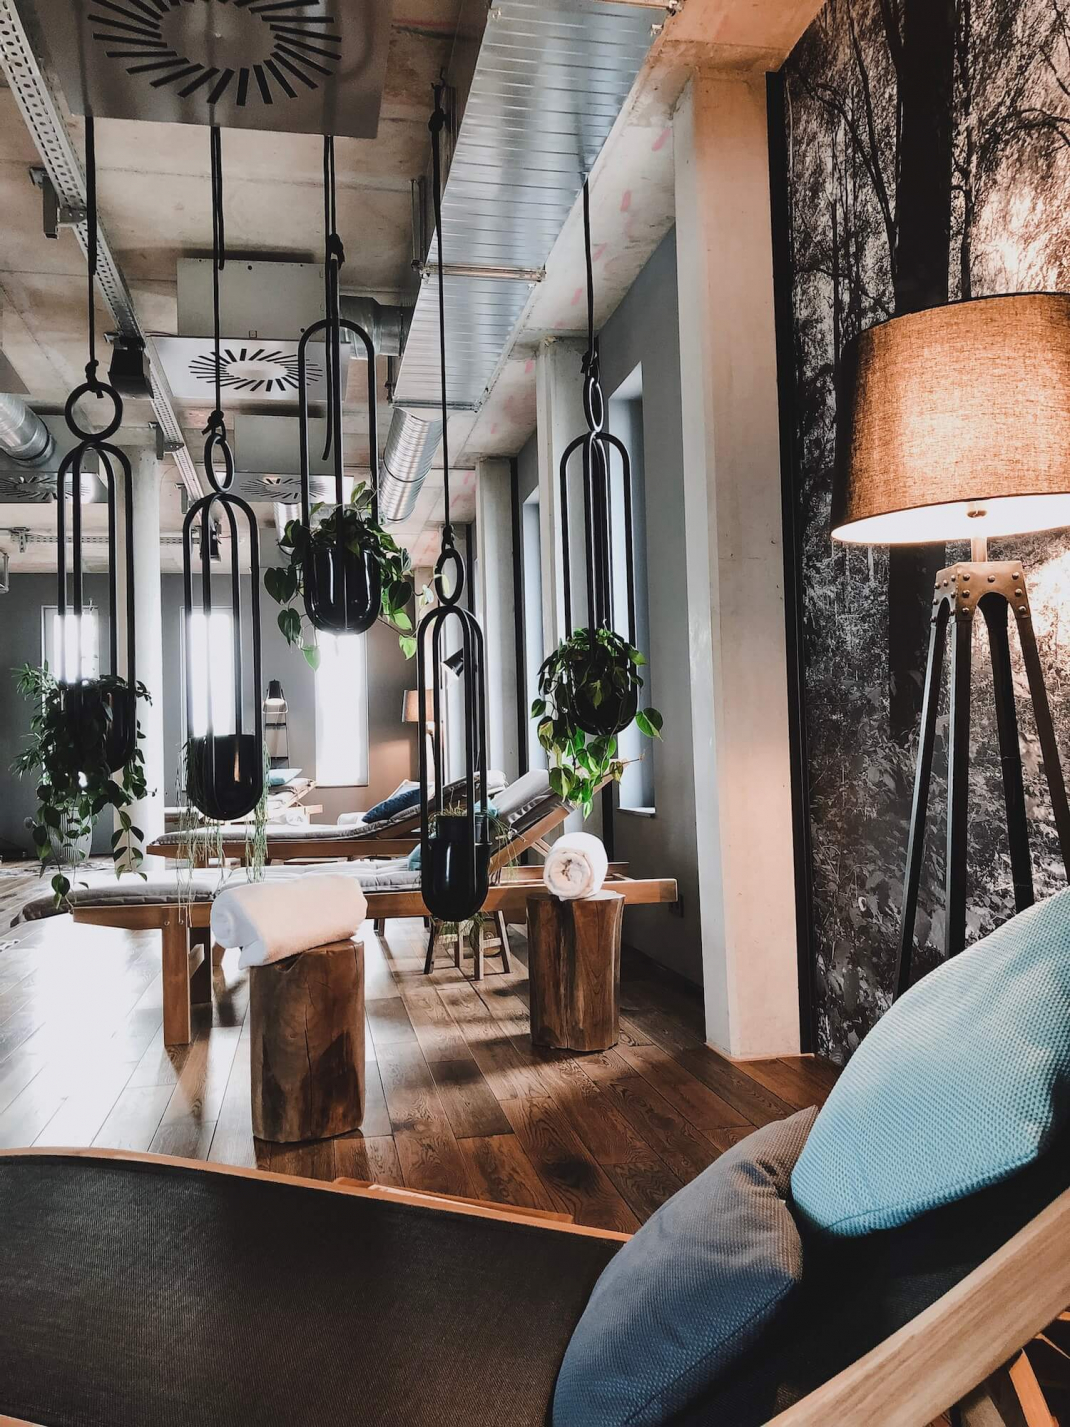 Hotel-Tipp Mainz me and all Hotelempfehlung Pflanzen im Wellnessbereich